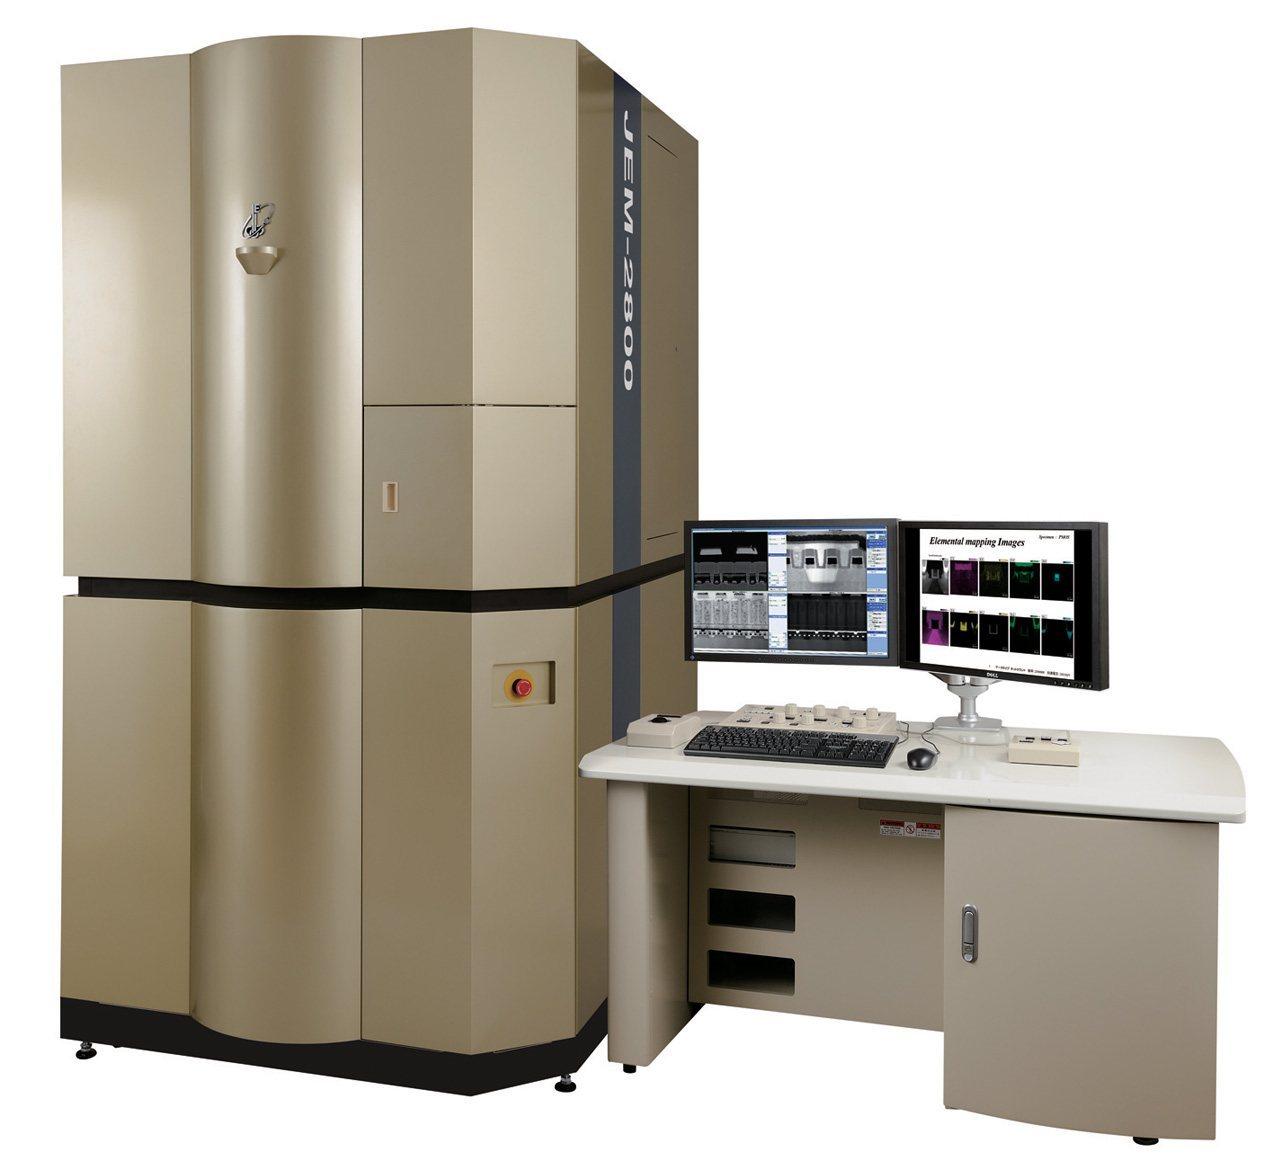 JEOL JEM-2800 高通量场发射透射电子显微镜